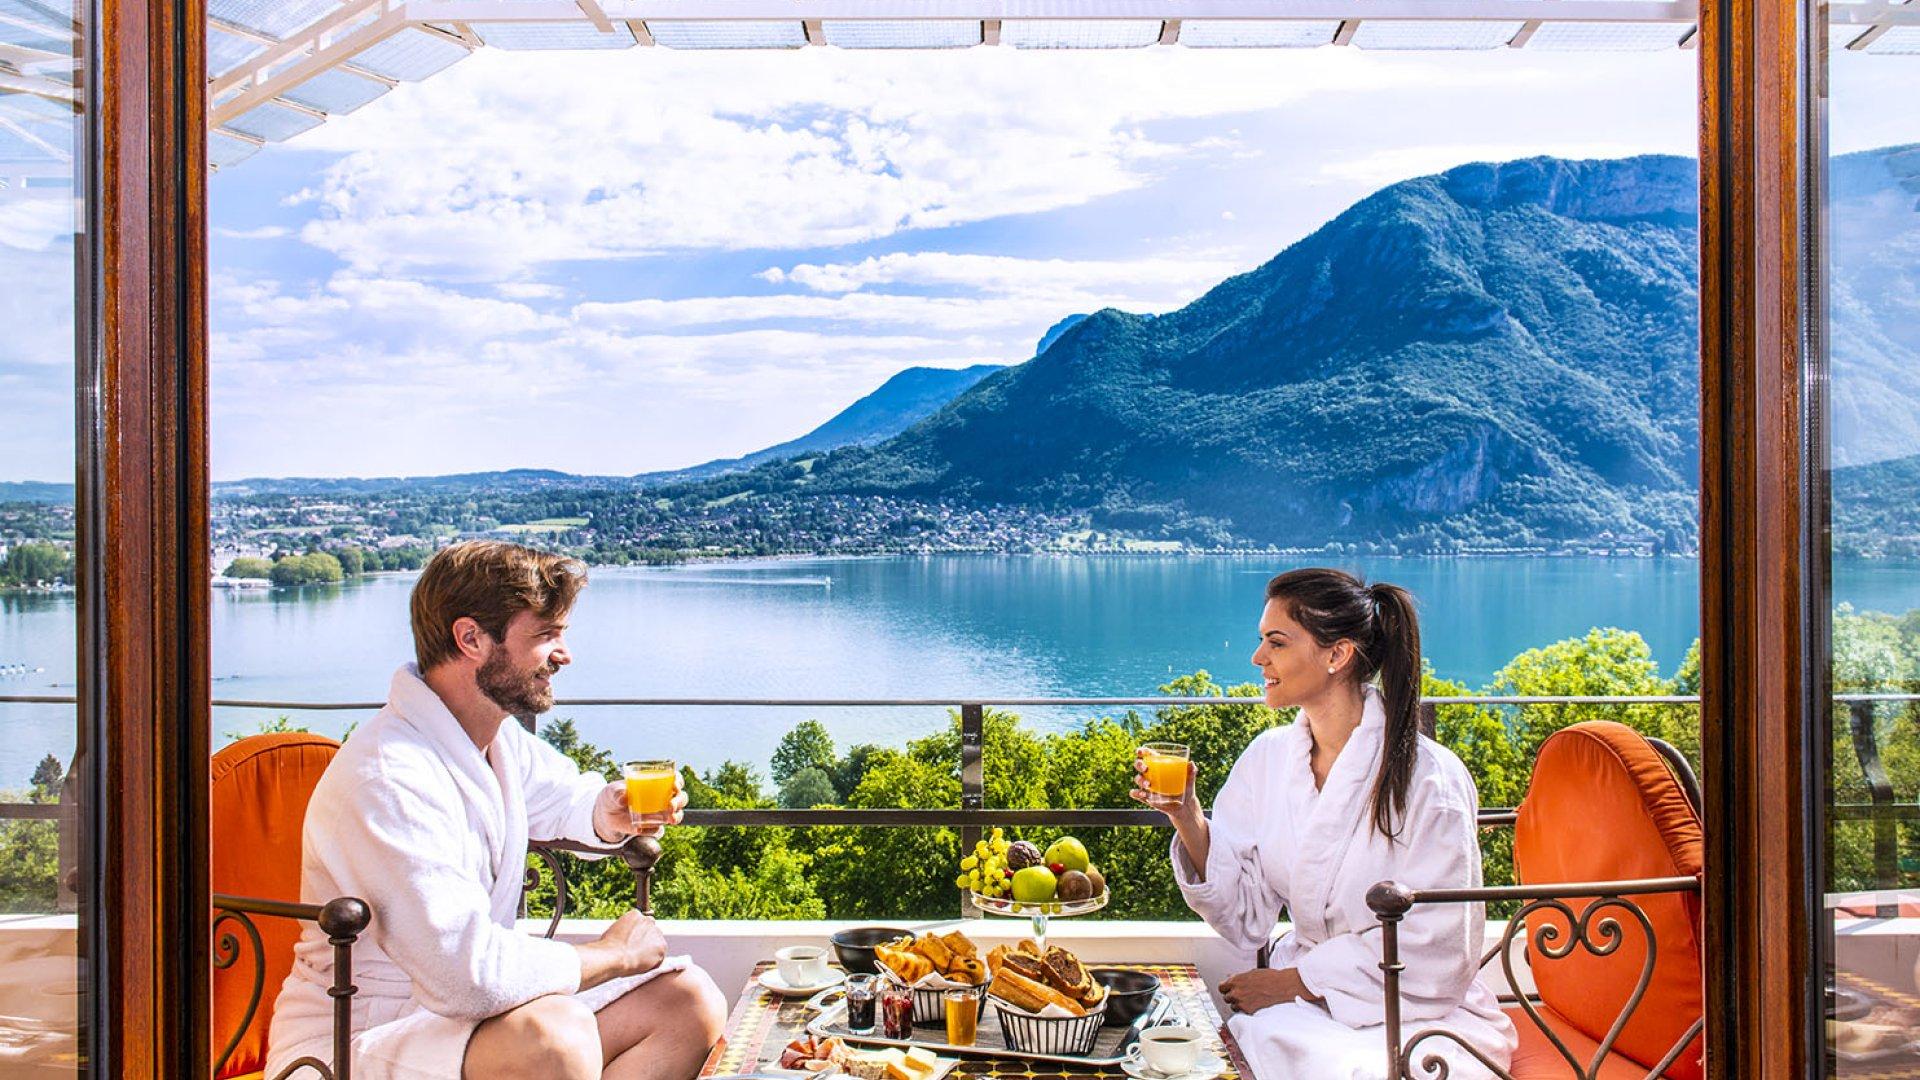 Moment couette et café - Hôtel Les Trésoms - Vue Lac Annecy